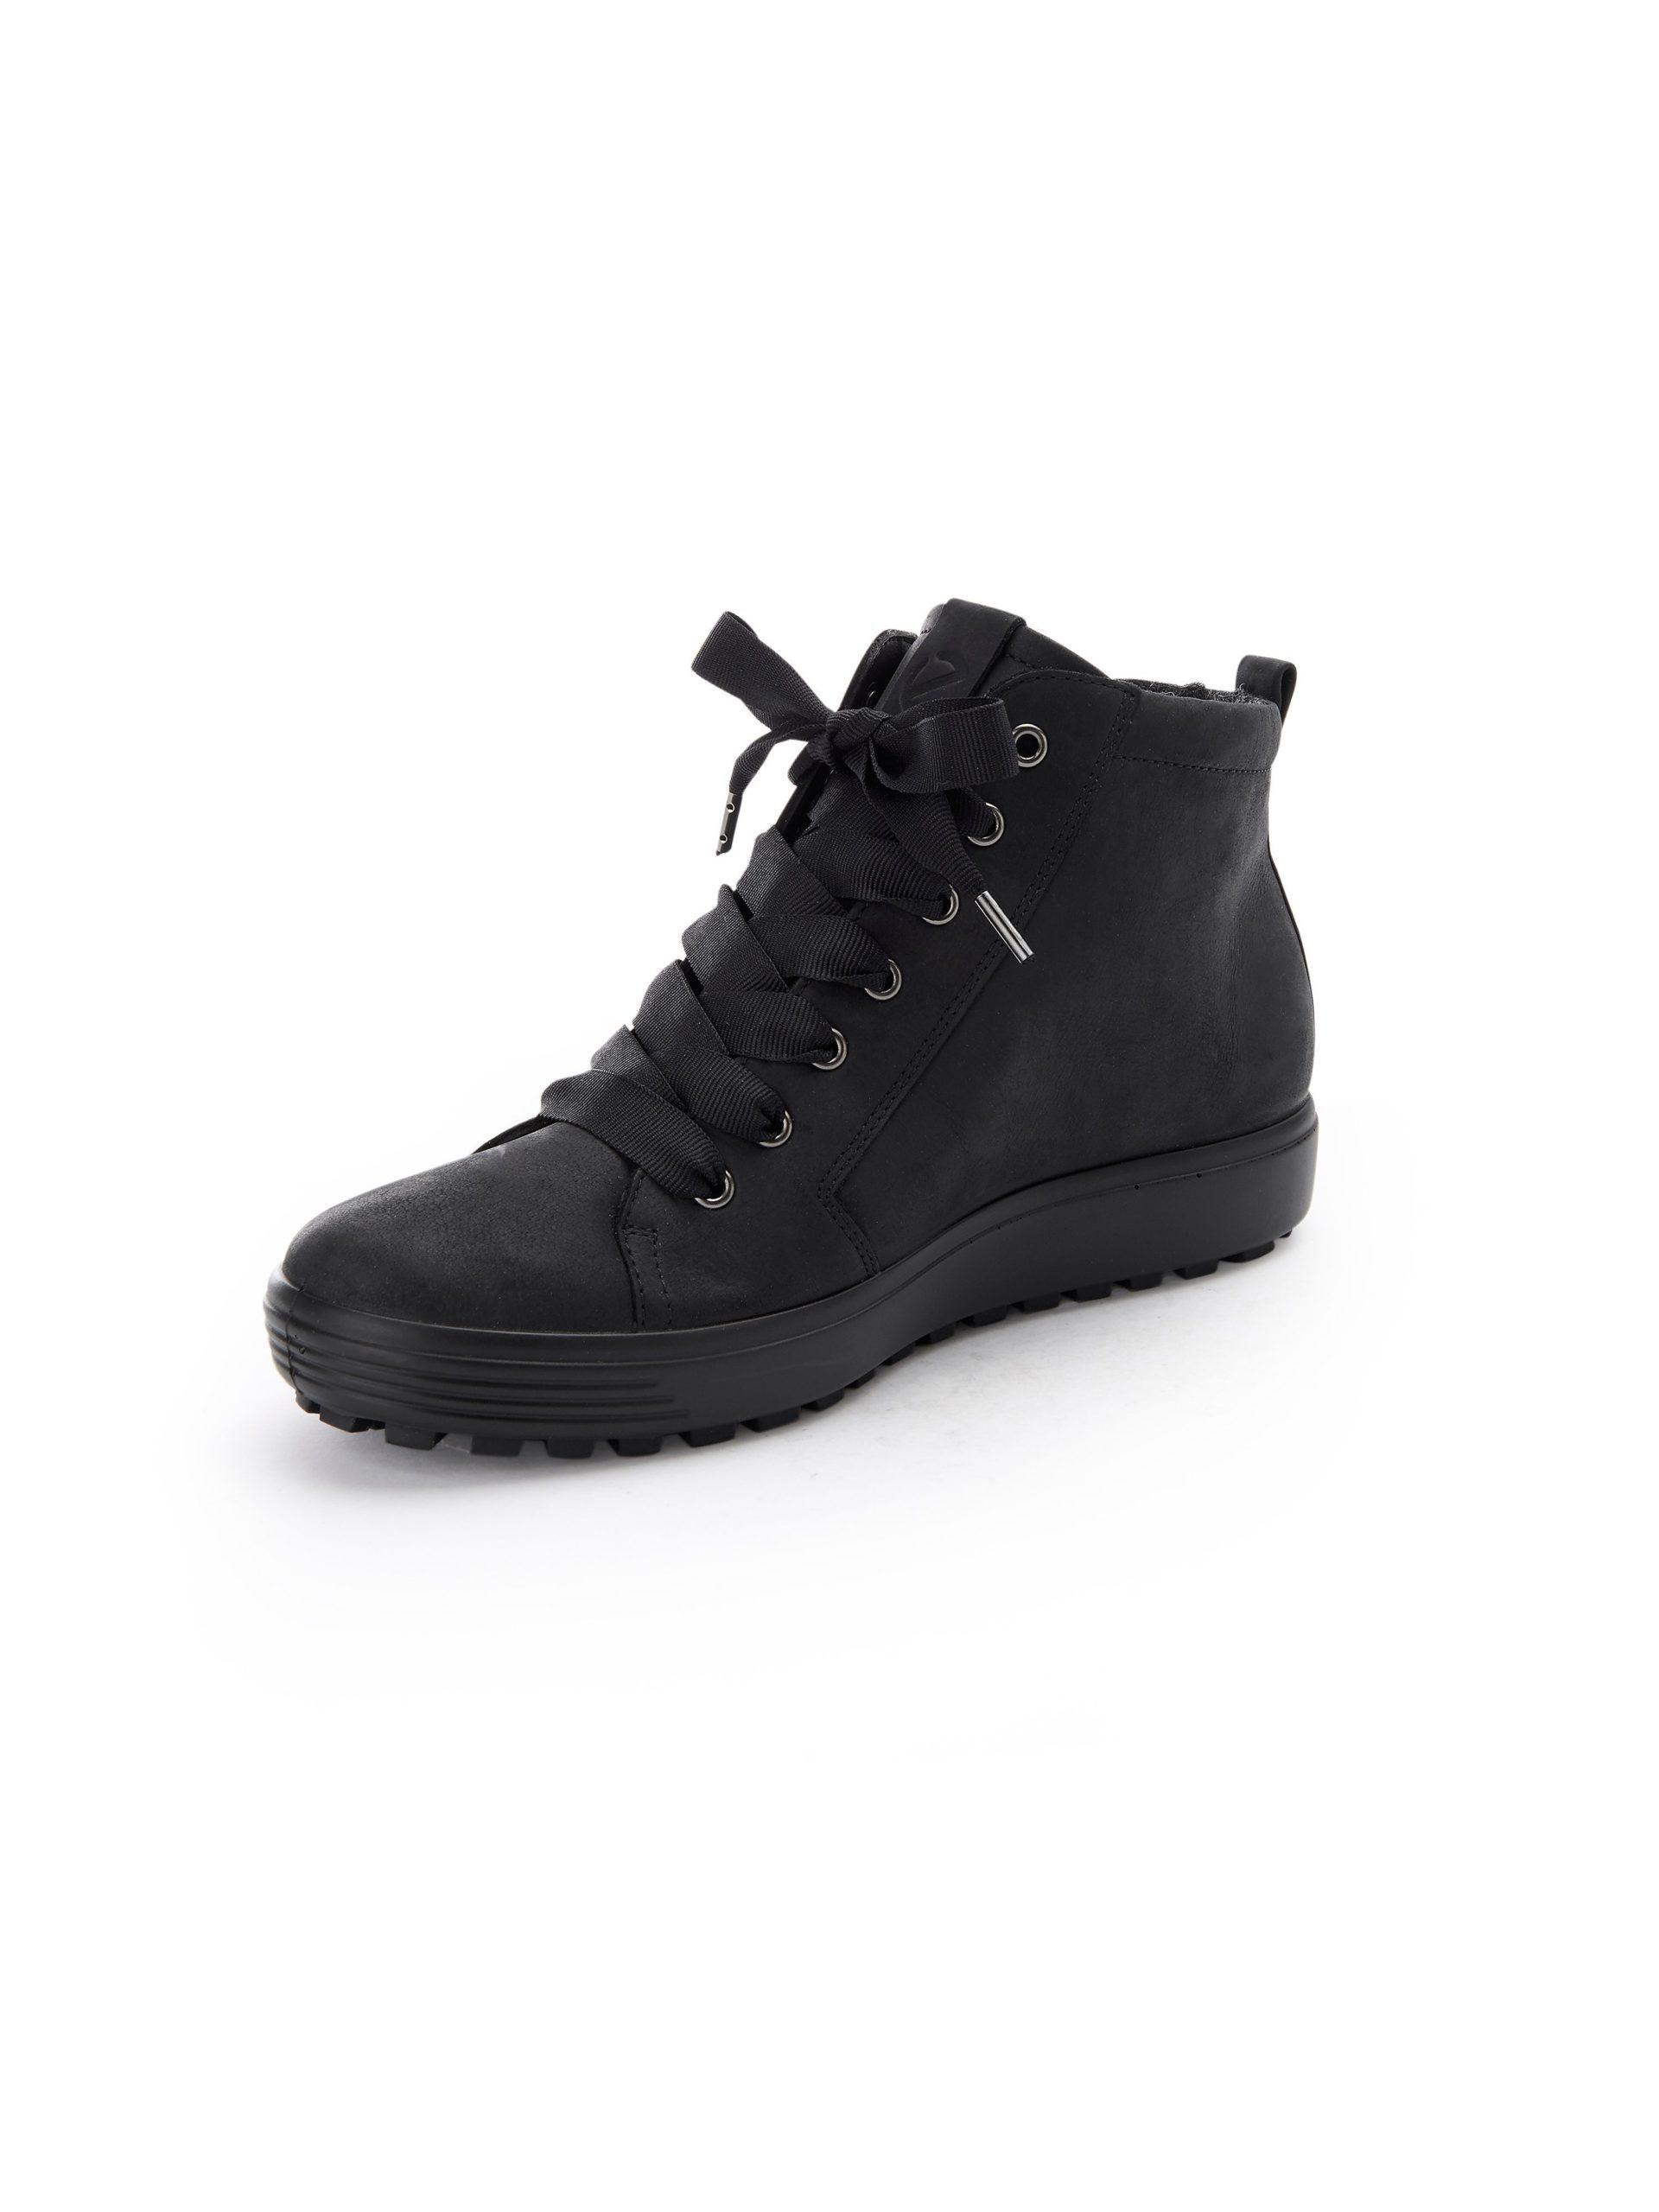 Sneakers Van Ecco zwart Kopen